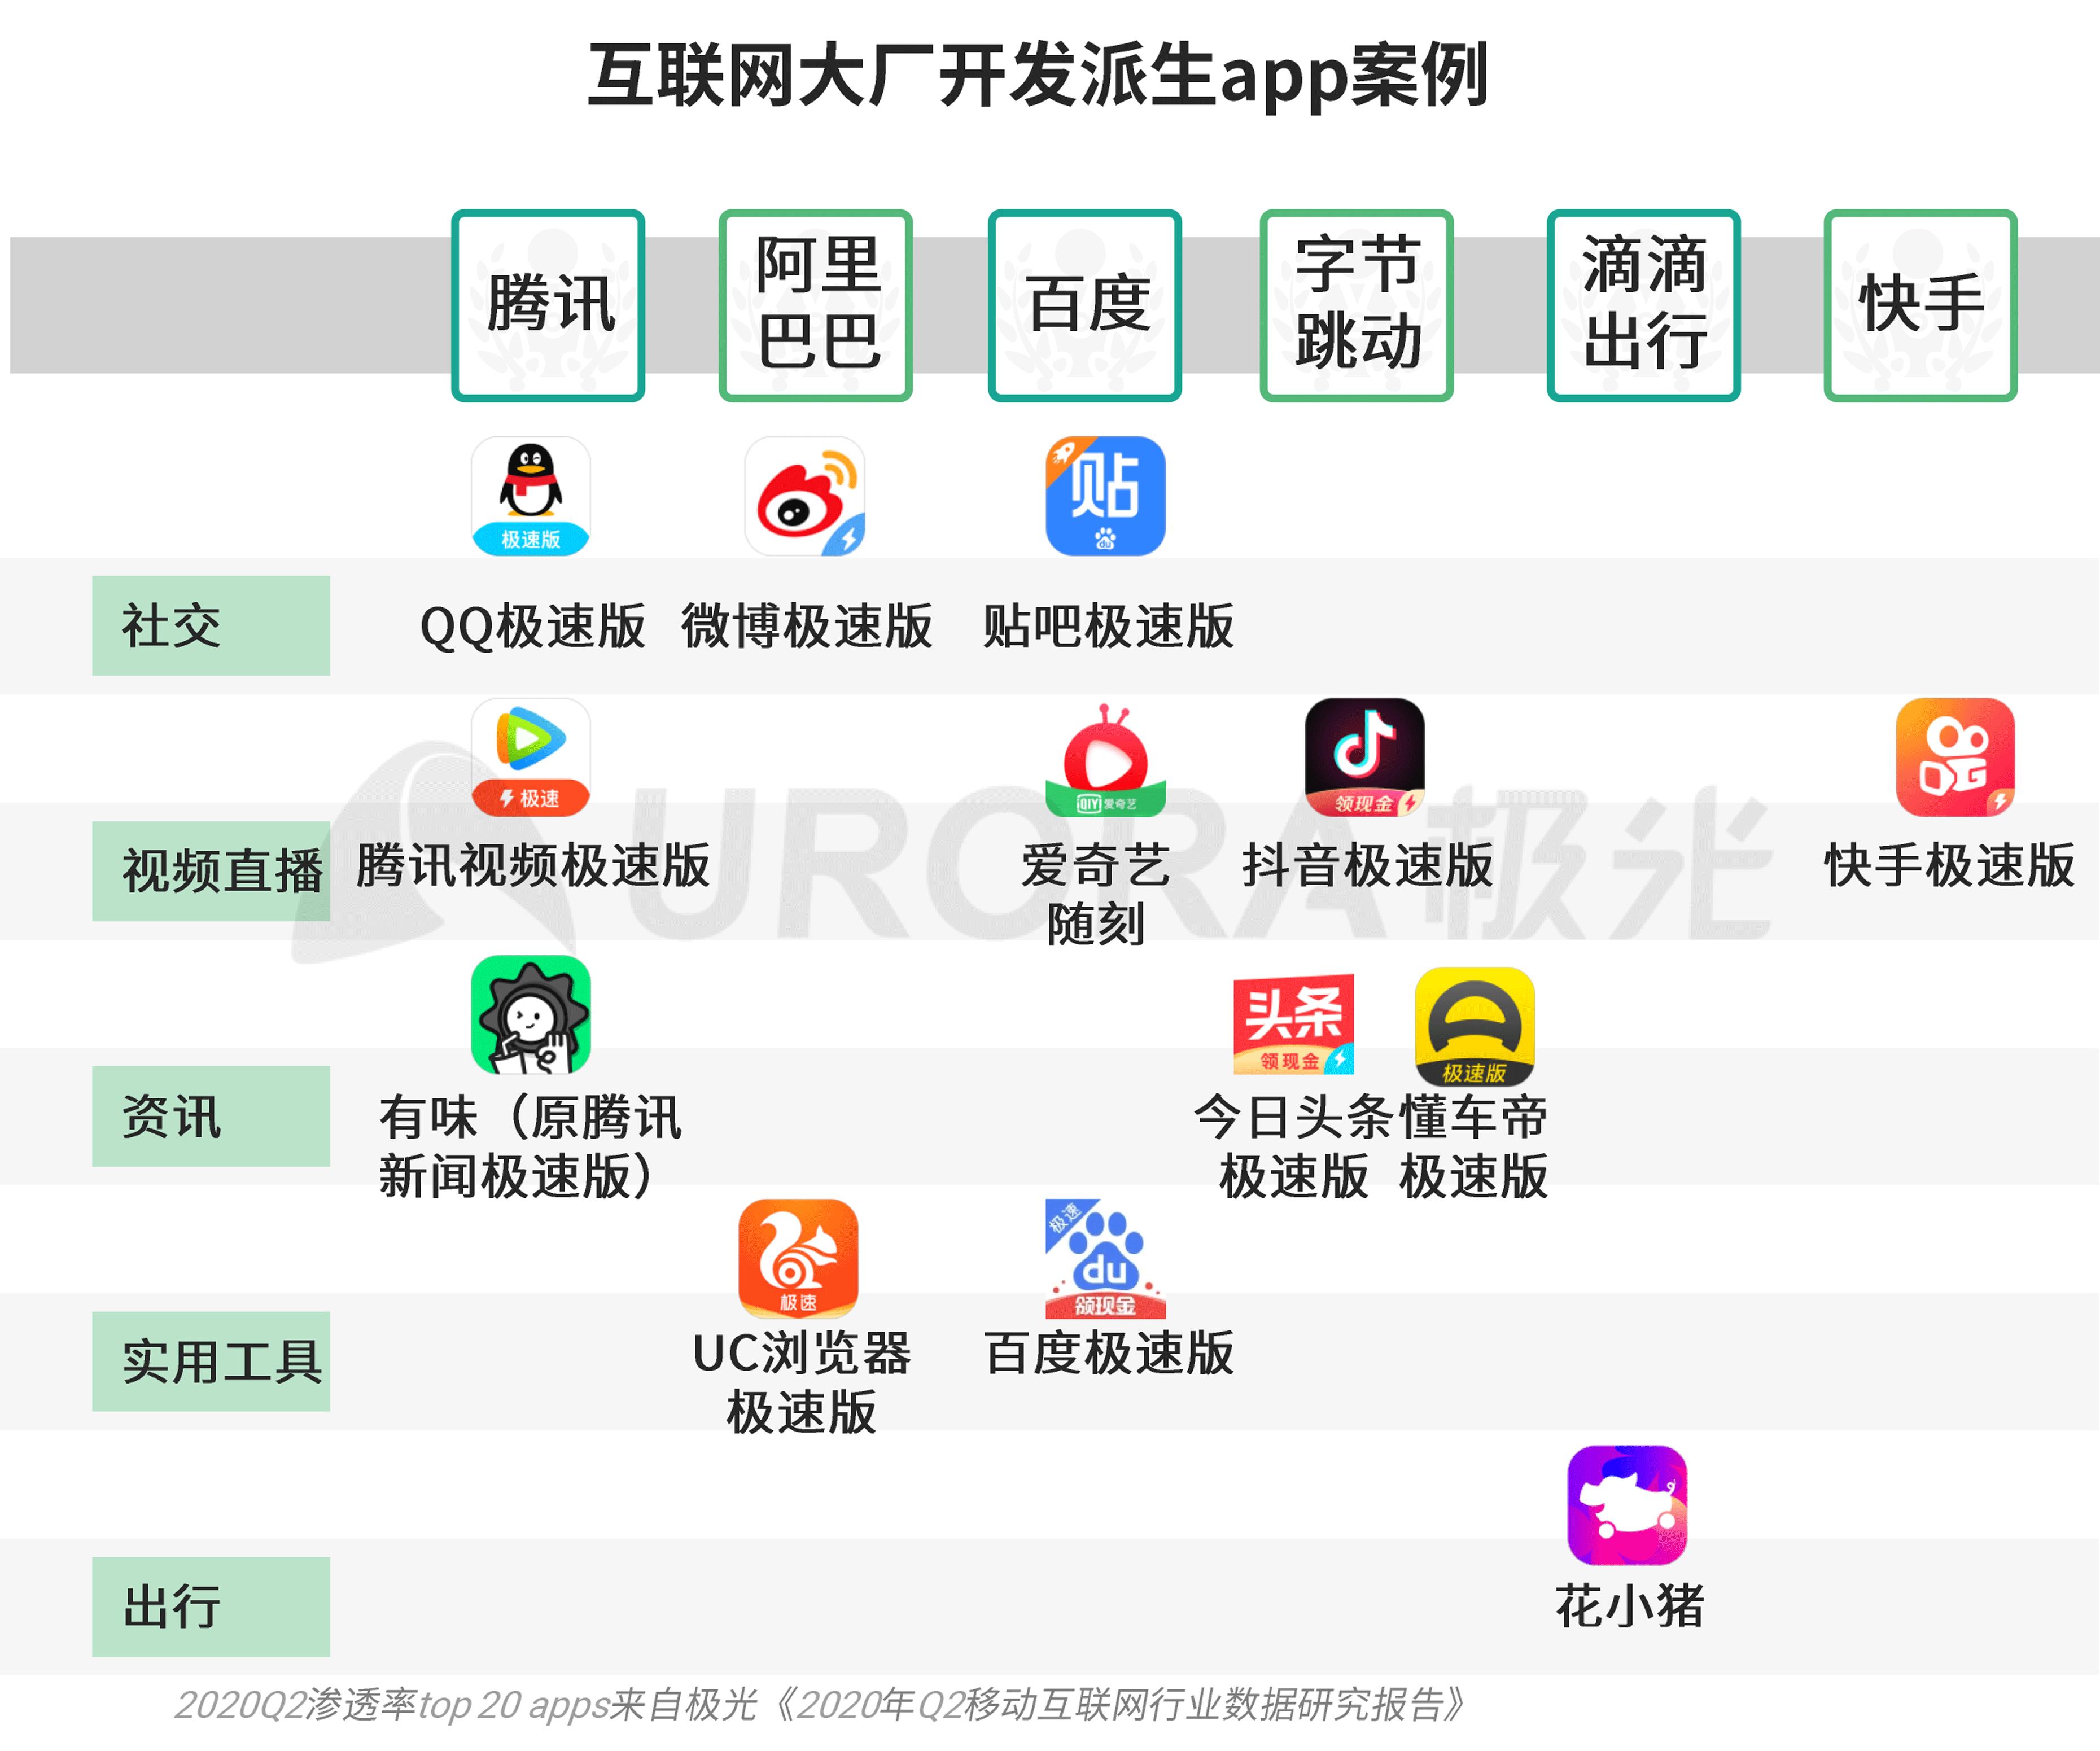 极光:移动互联网派生app研究报告 (3).png